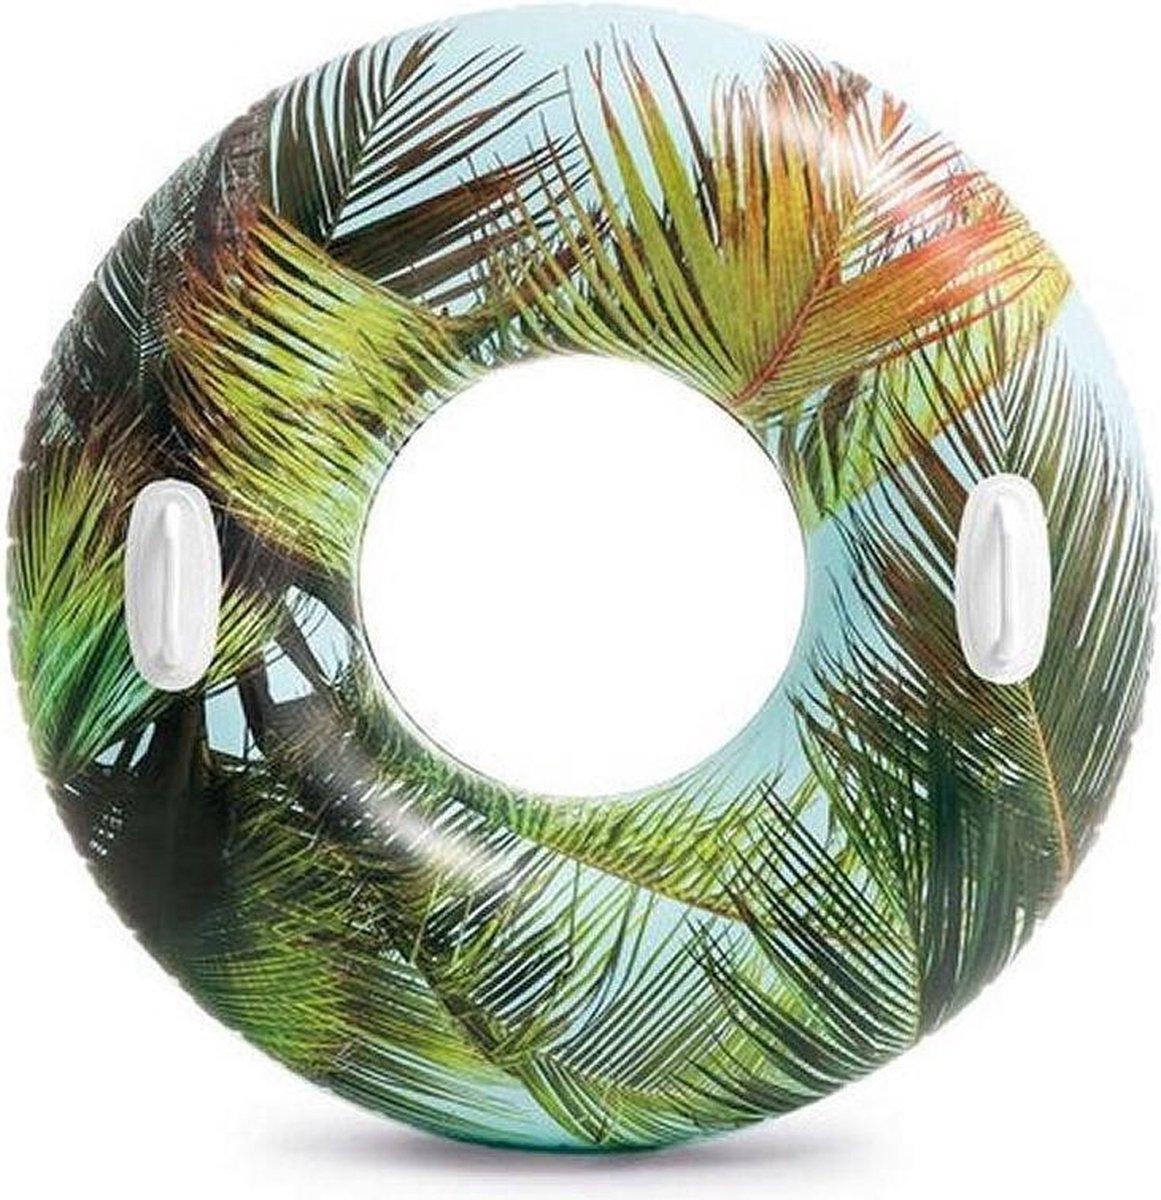 Opblaasbare palmbladeren zwemband/zwemring 97 cm - Zwembenodigdheden - Zwemringen - Tropisch thema - Palmblad zwembanden voor kinderen en volwassenen